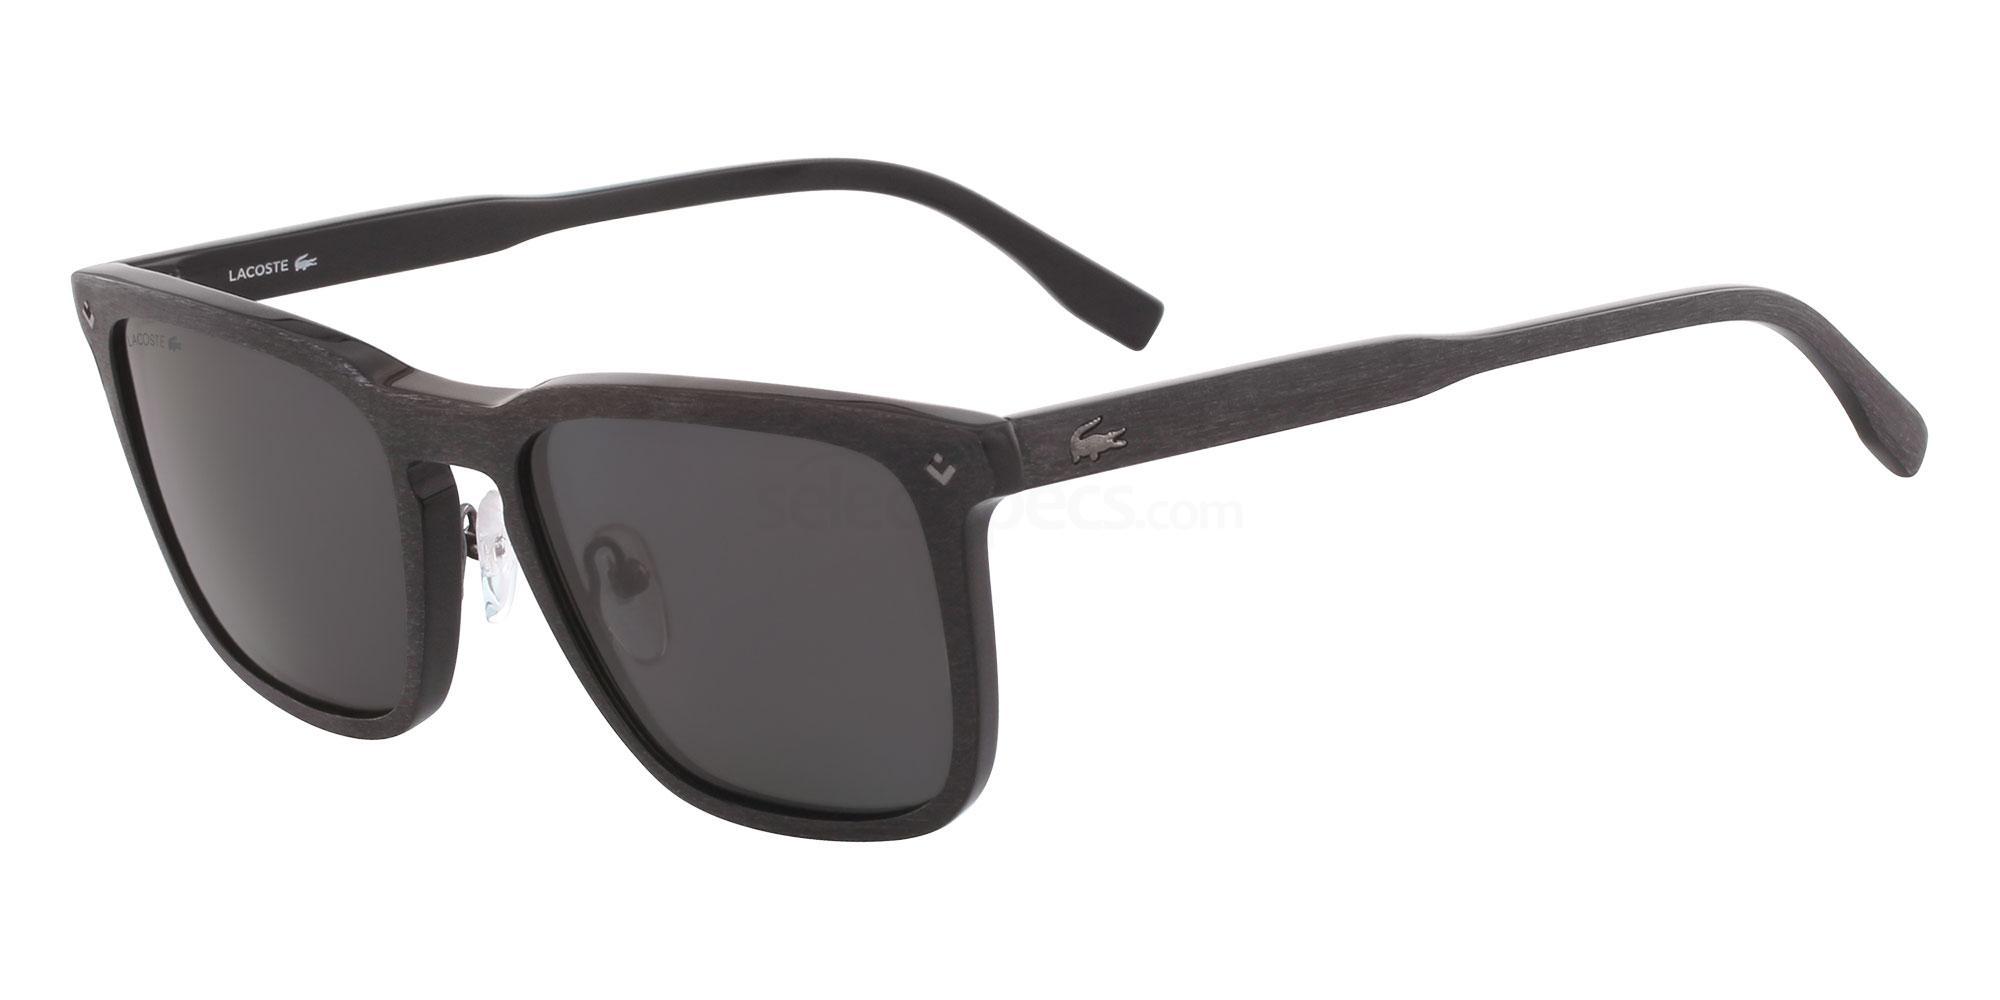 002 L886SPCP Sunglasses, Lacoste